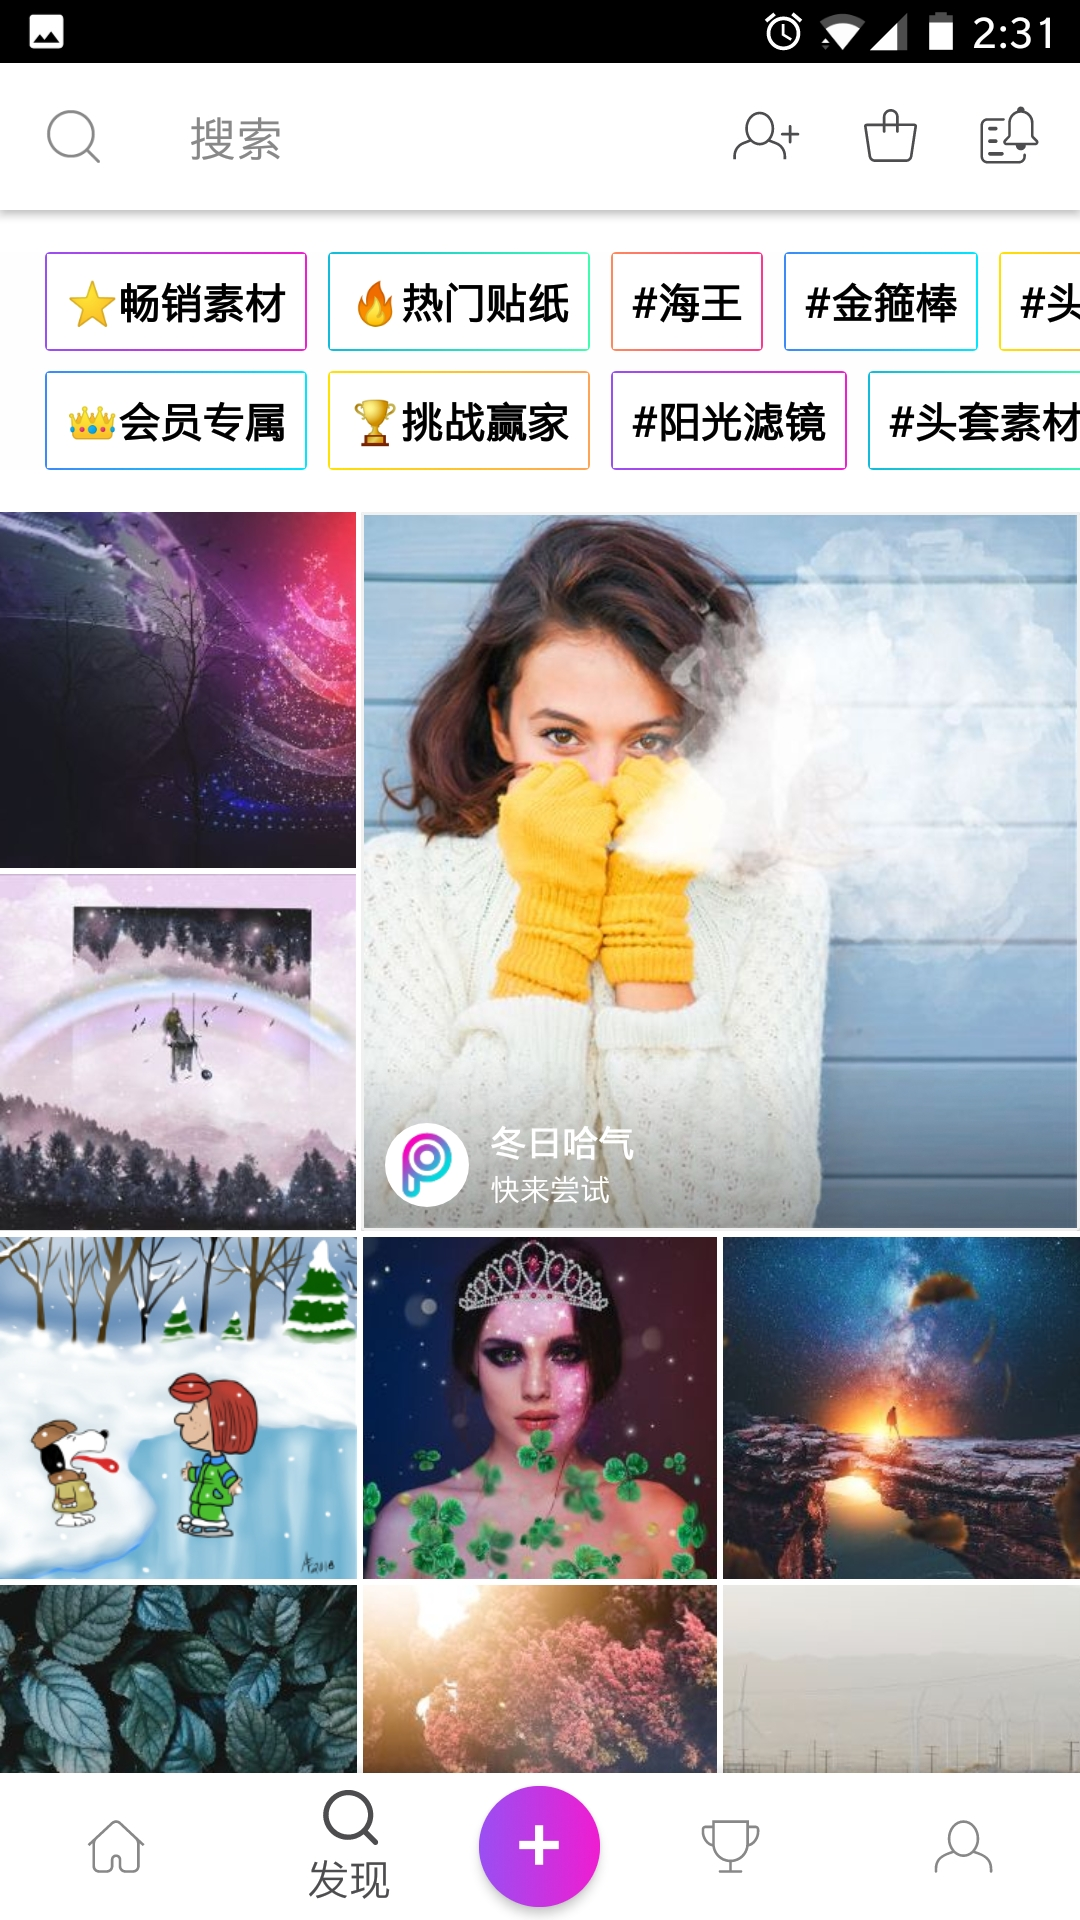 Screenshot_20181207-143133.jpg